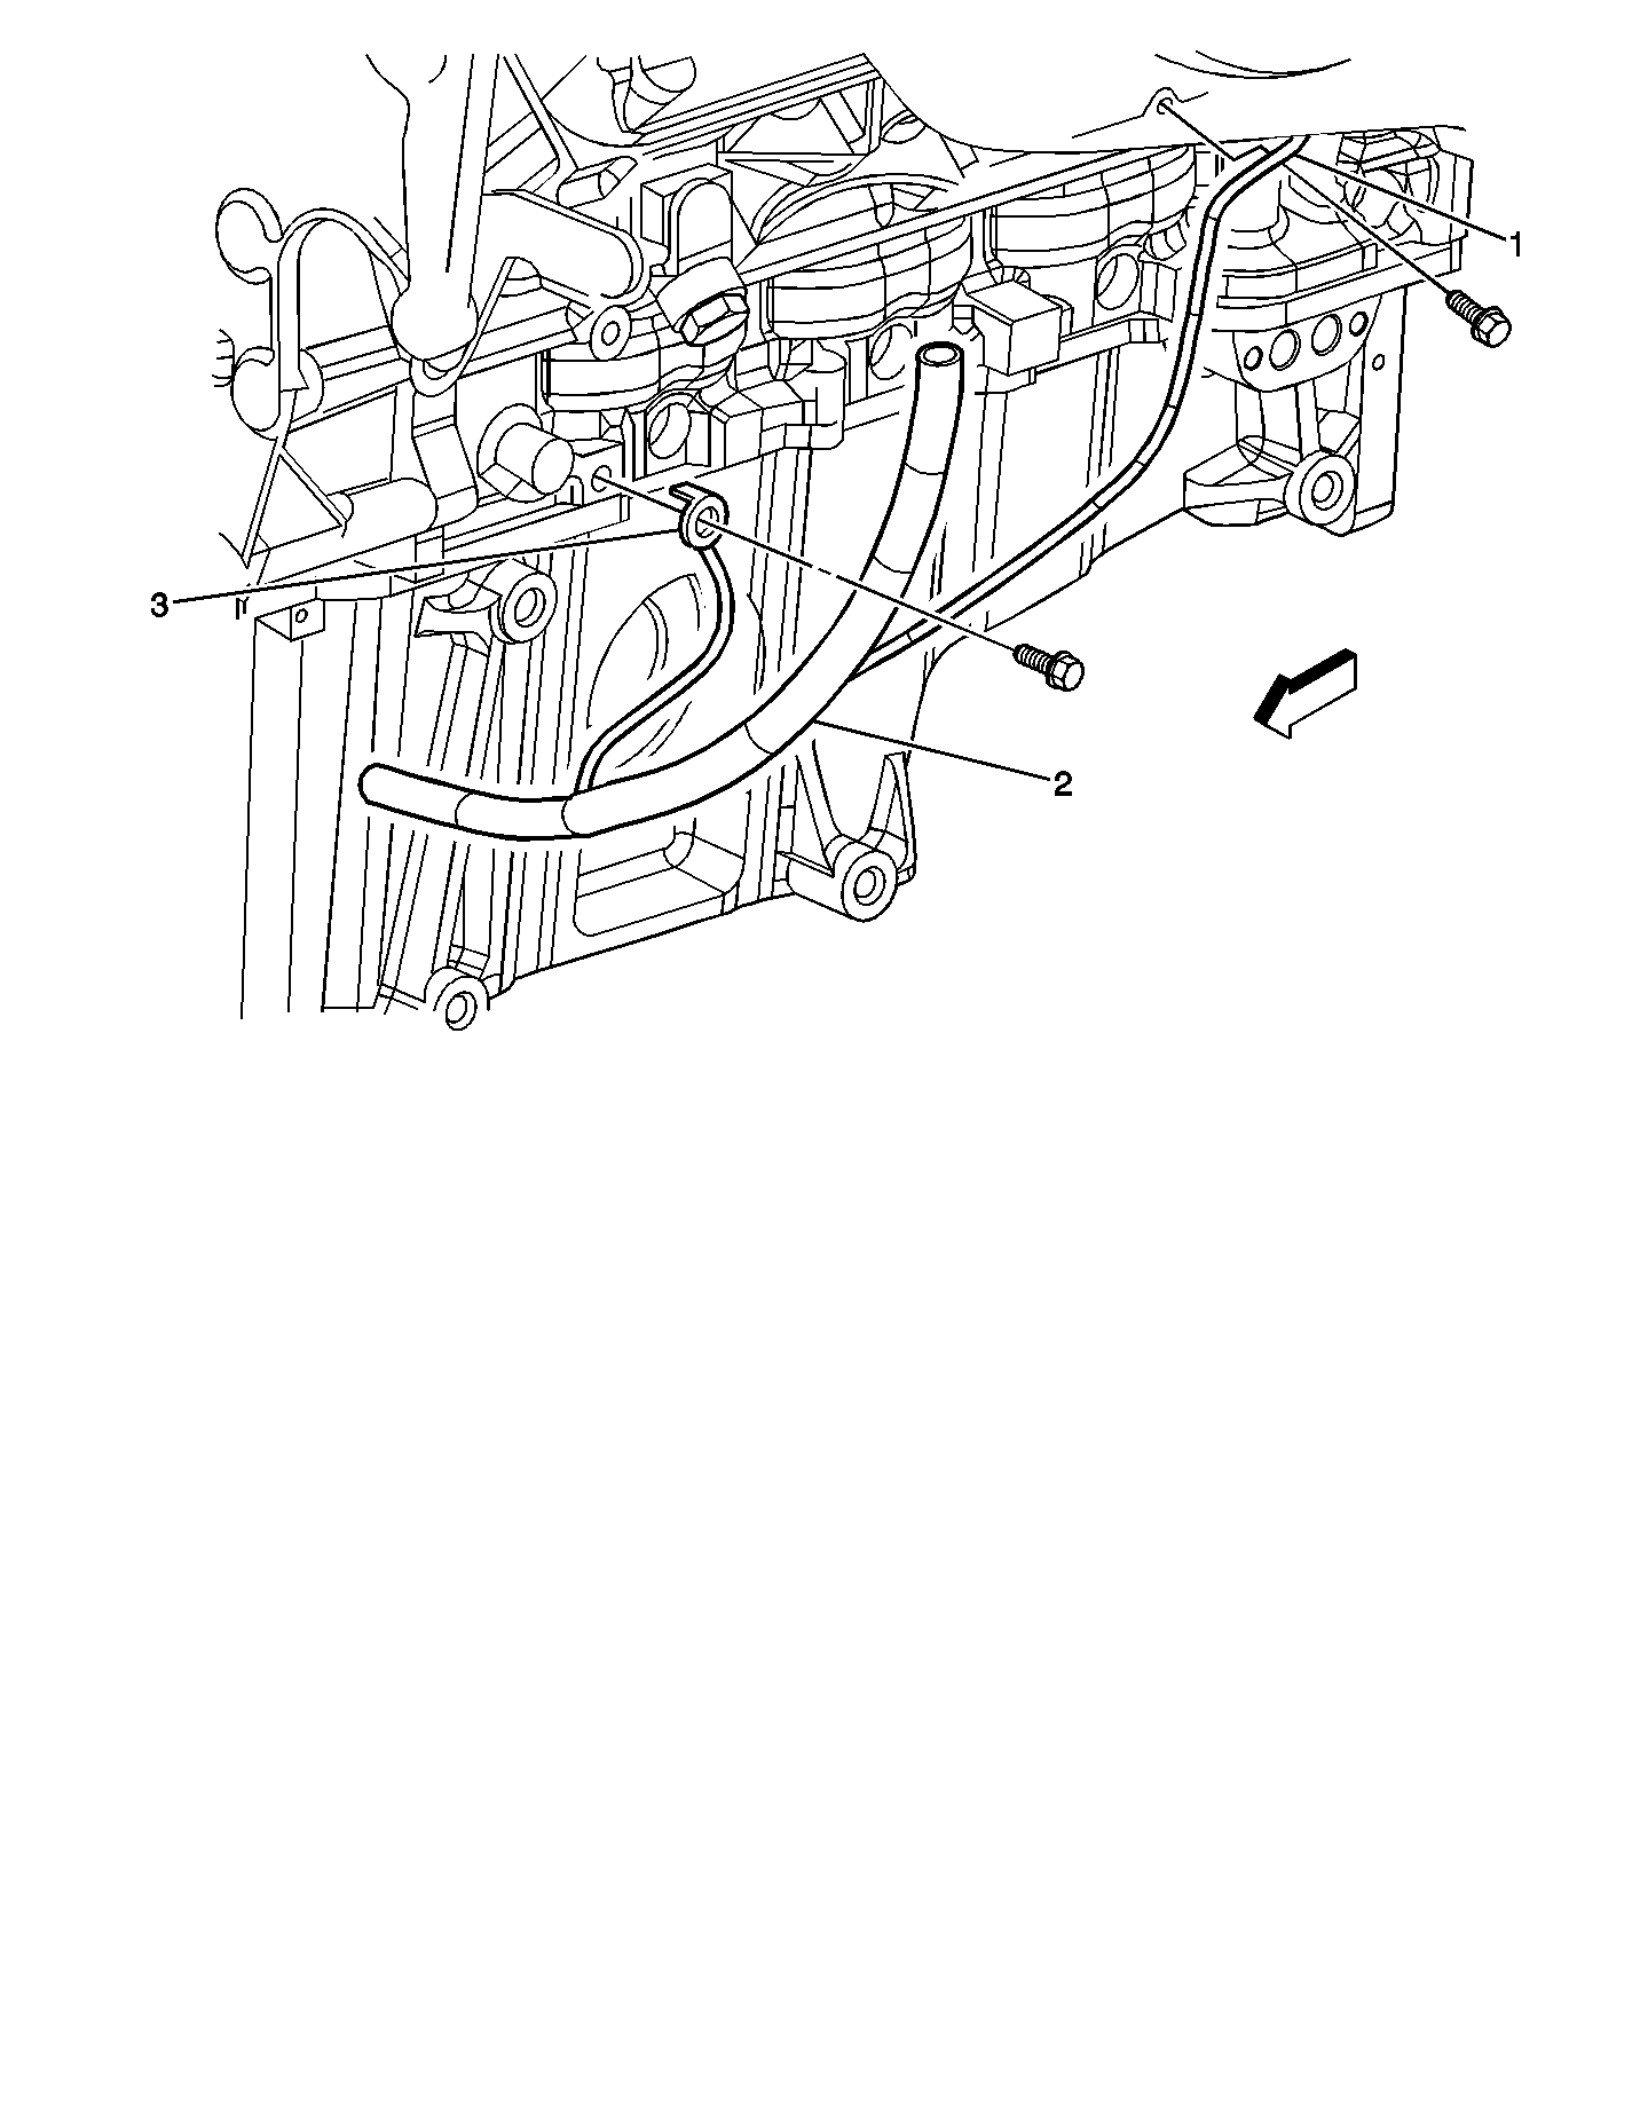 2013 03 23_162136_06_ground_0000 chevrolet trailblazer 2006 trailblazer fuel pump and pcm relays 06 Trailblazer Wiring Schematics at edmiracle.co